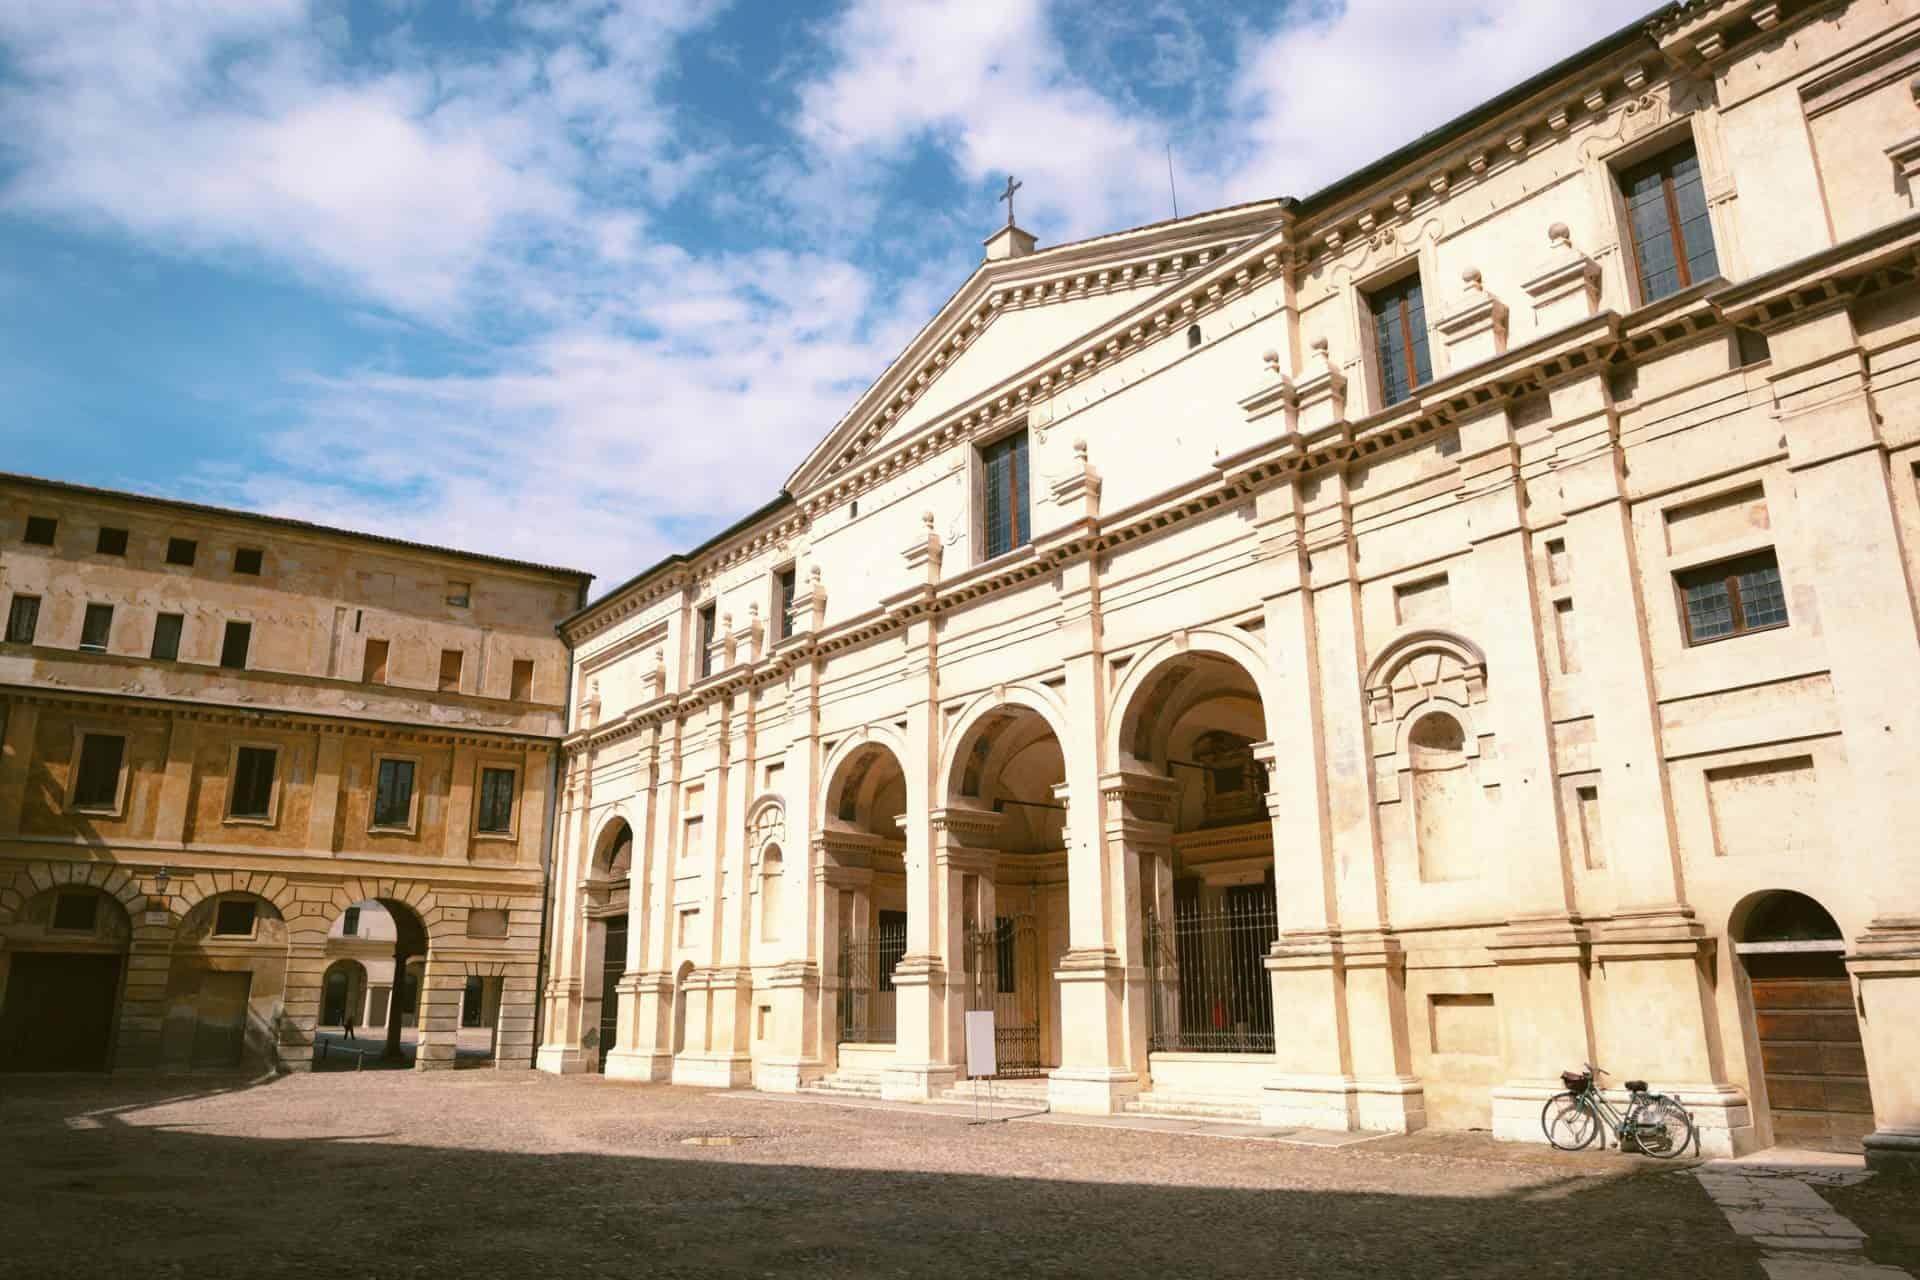 Basilica of Sant'Andrea, Mantua, Italy